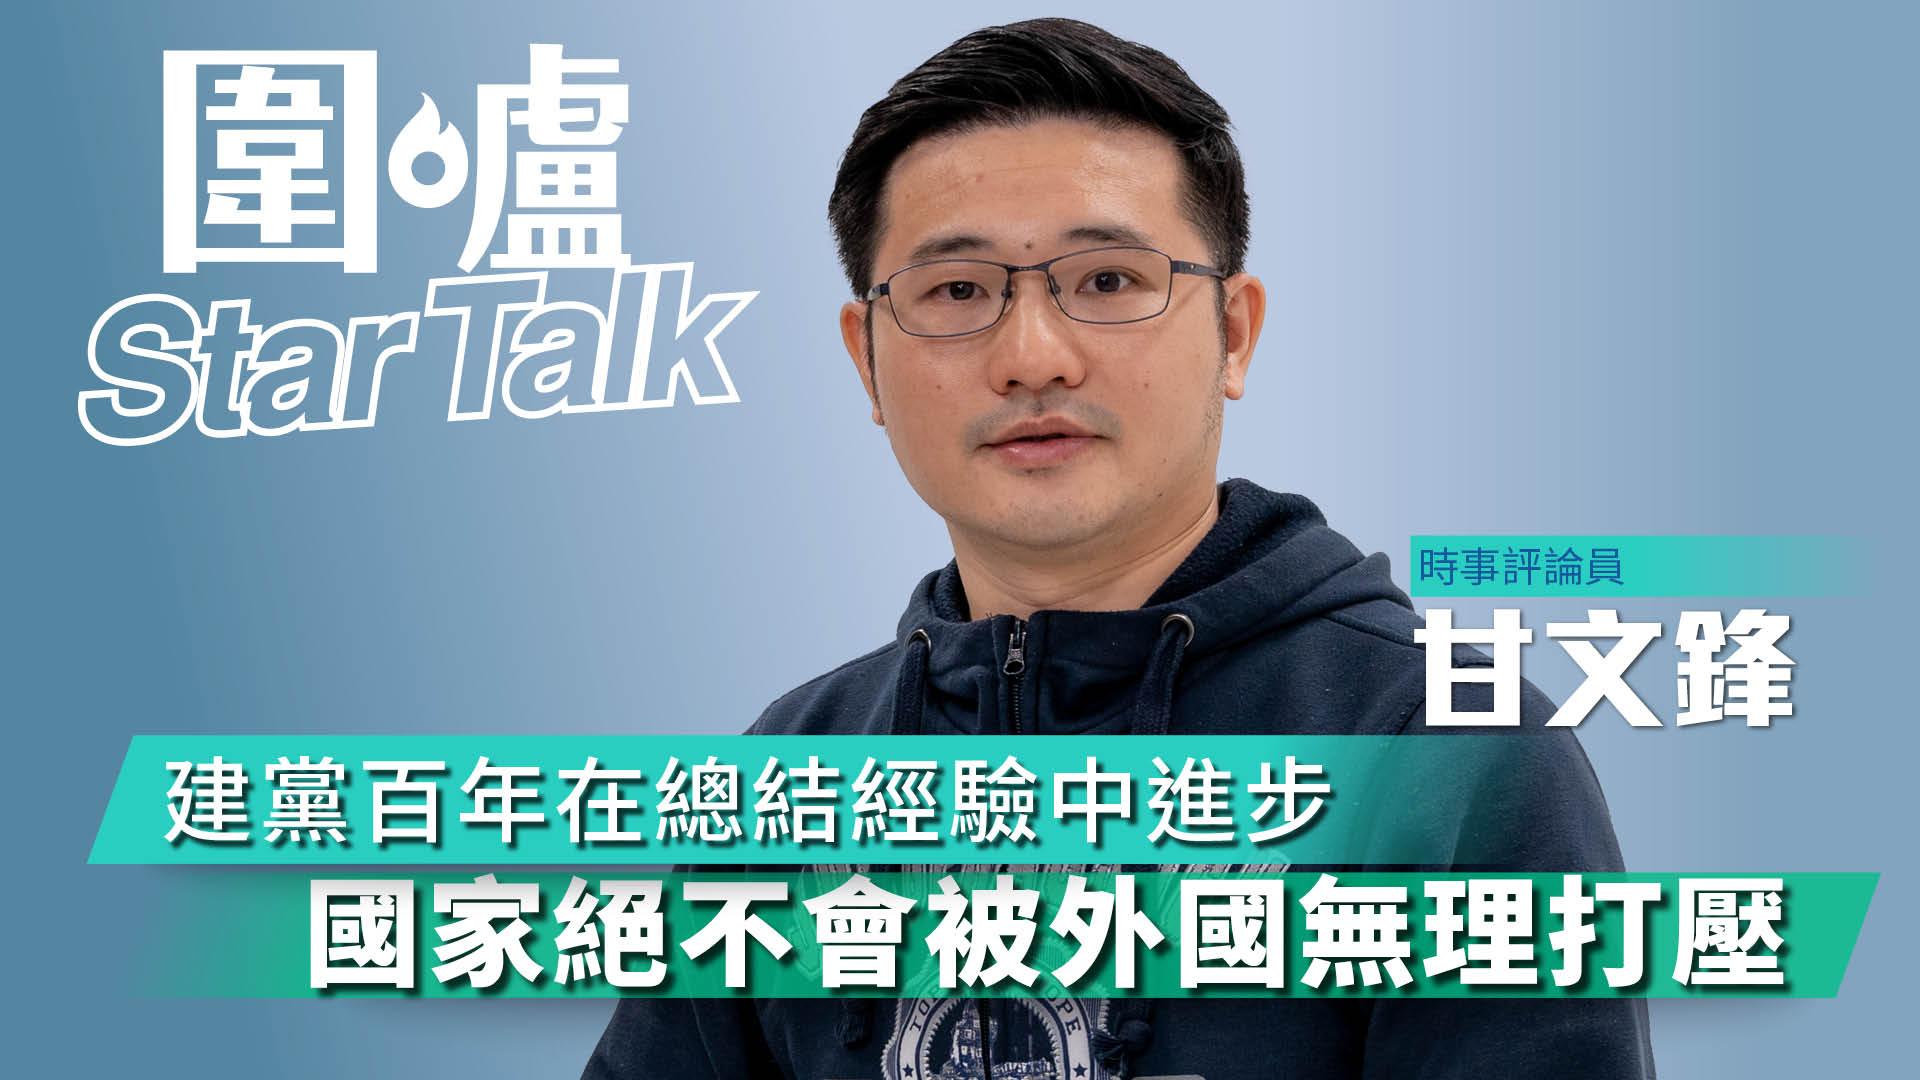 【圍爐Star Talk·甘文鋒】 建黨百年在總結經驗中進步  國家絕不會被外國無理打壓